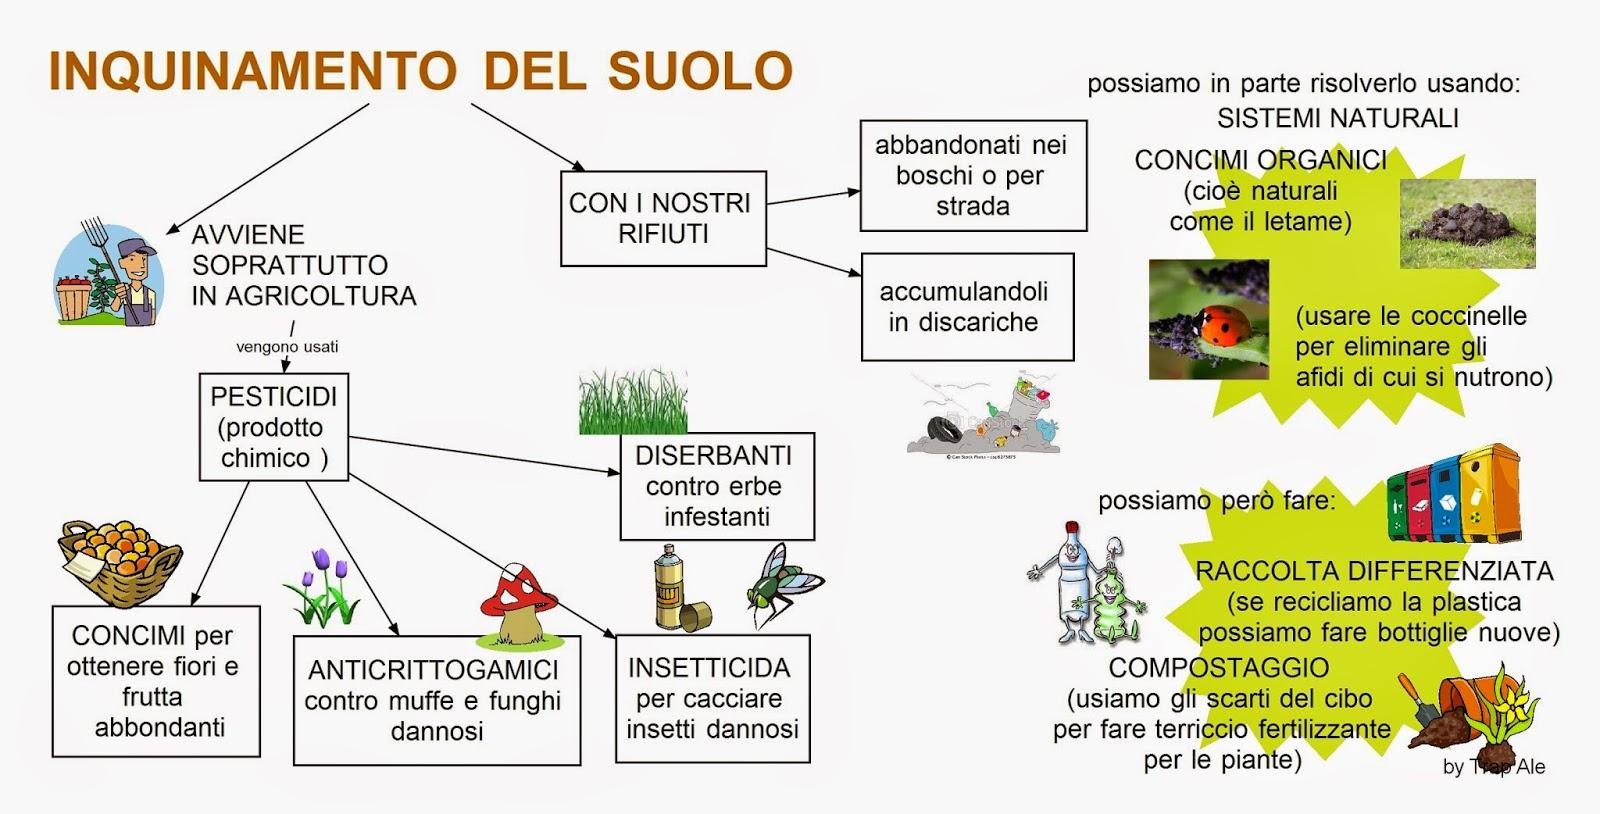 Inquinamento Del Suolo Immagini Inquinamento Del Suolo